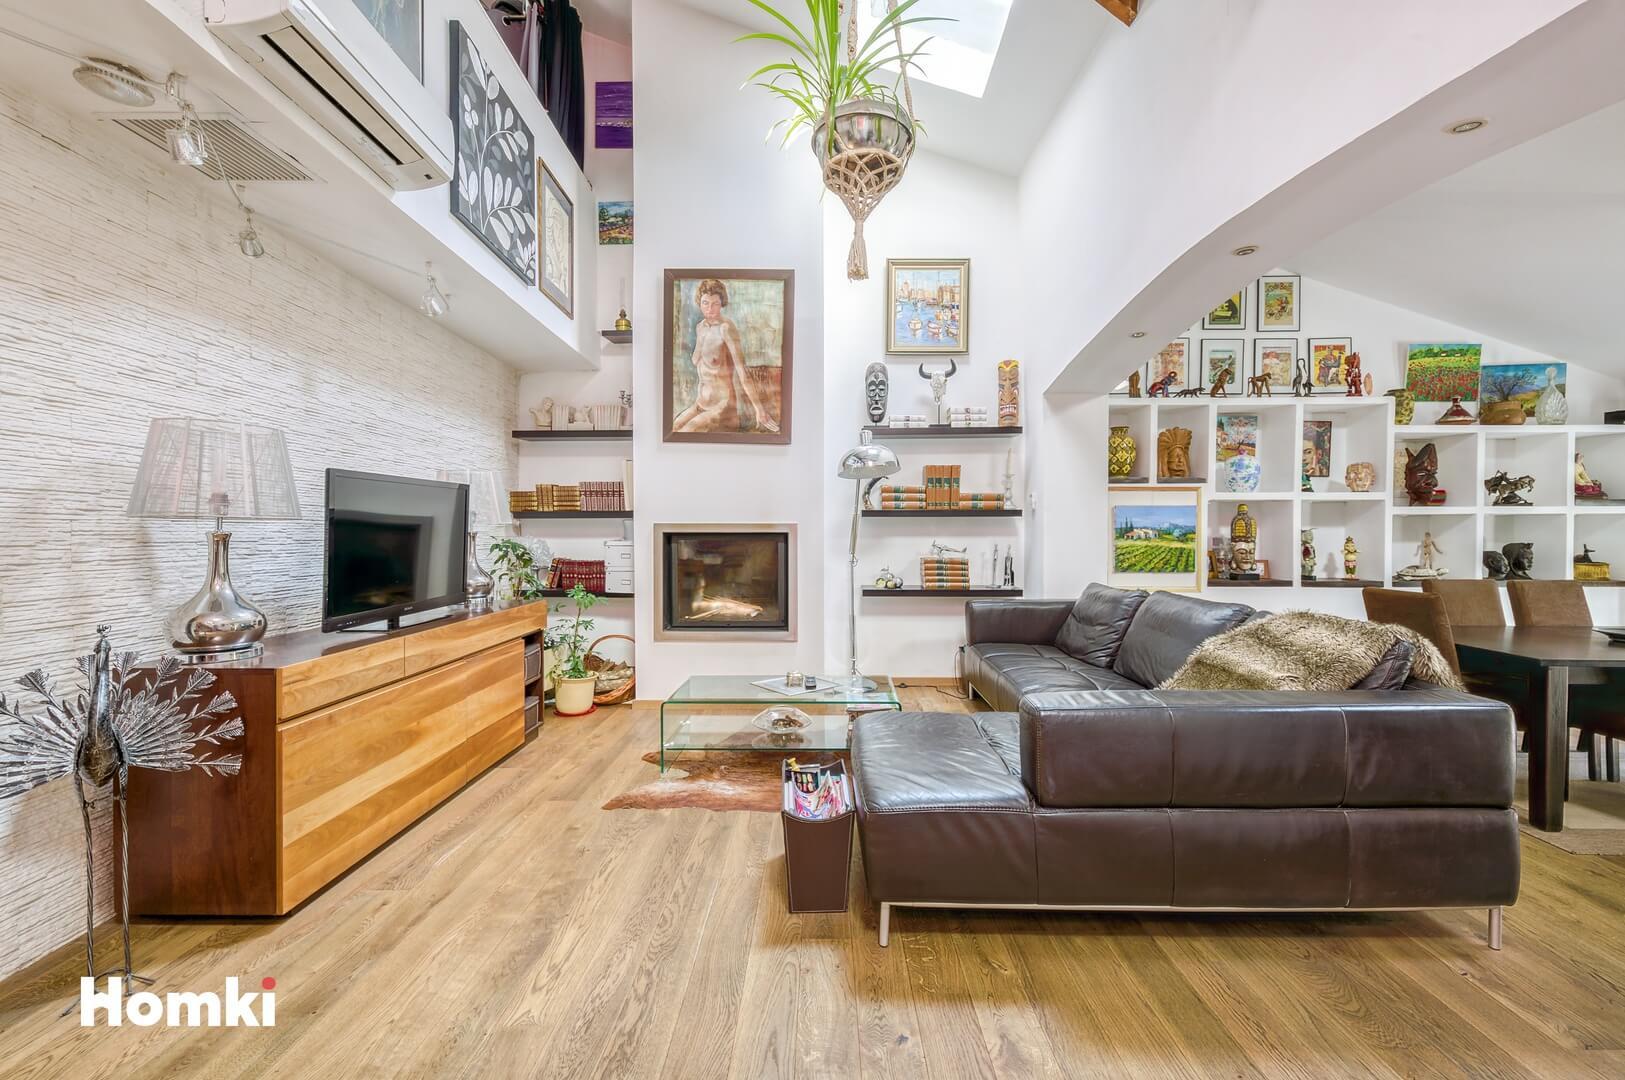 Homki - Vente Maison/villa  de 100.0 m² à Marseille 13013